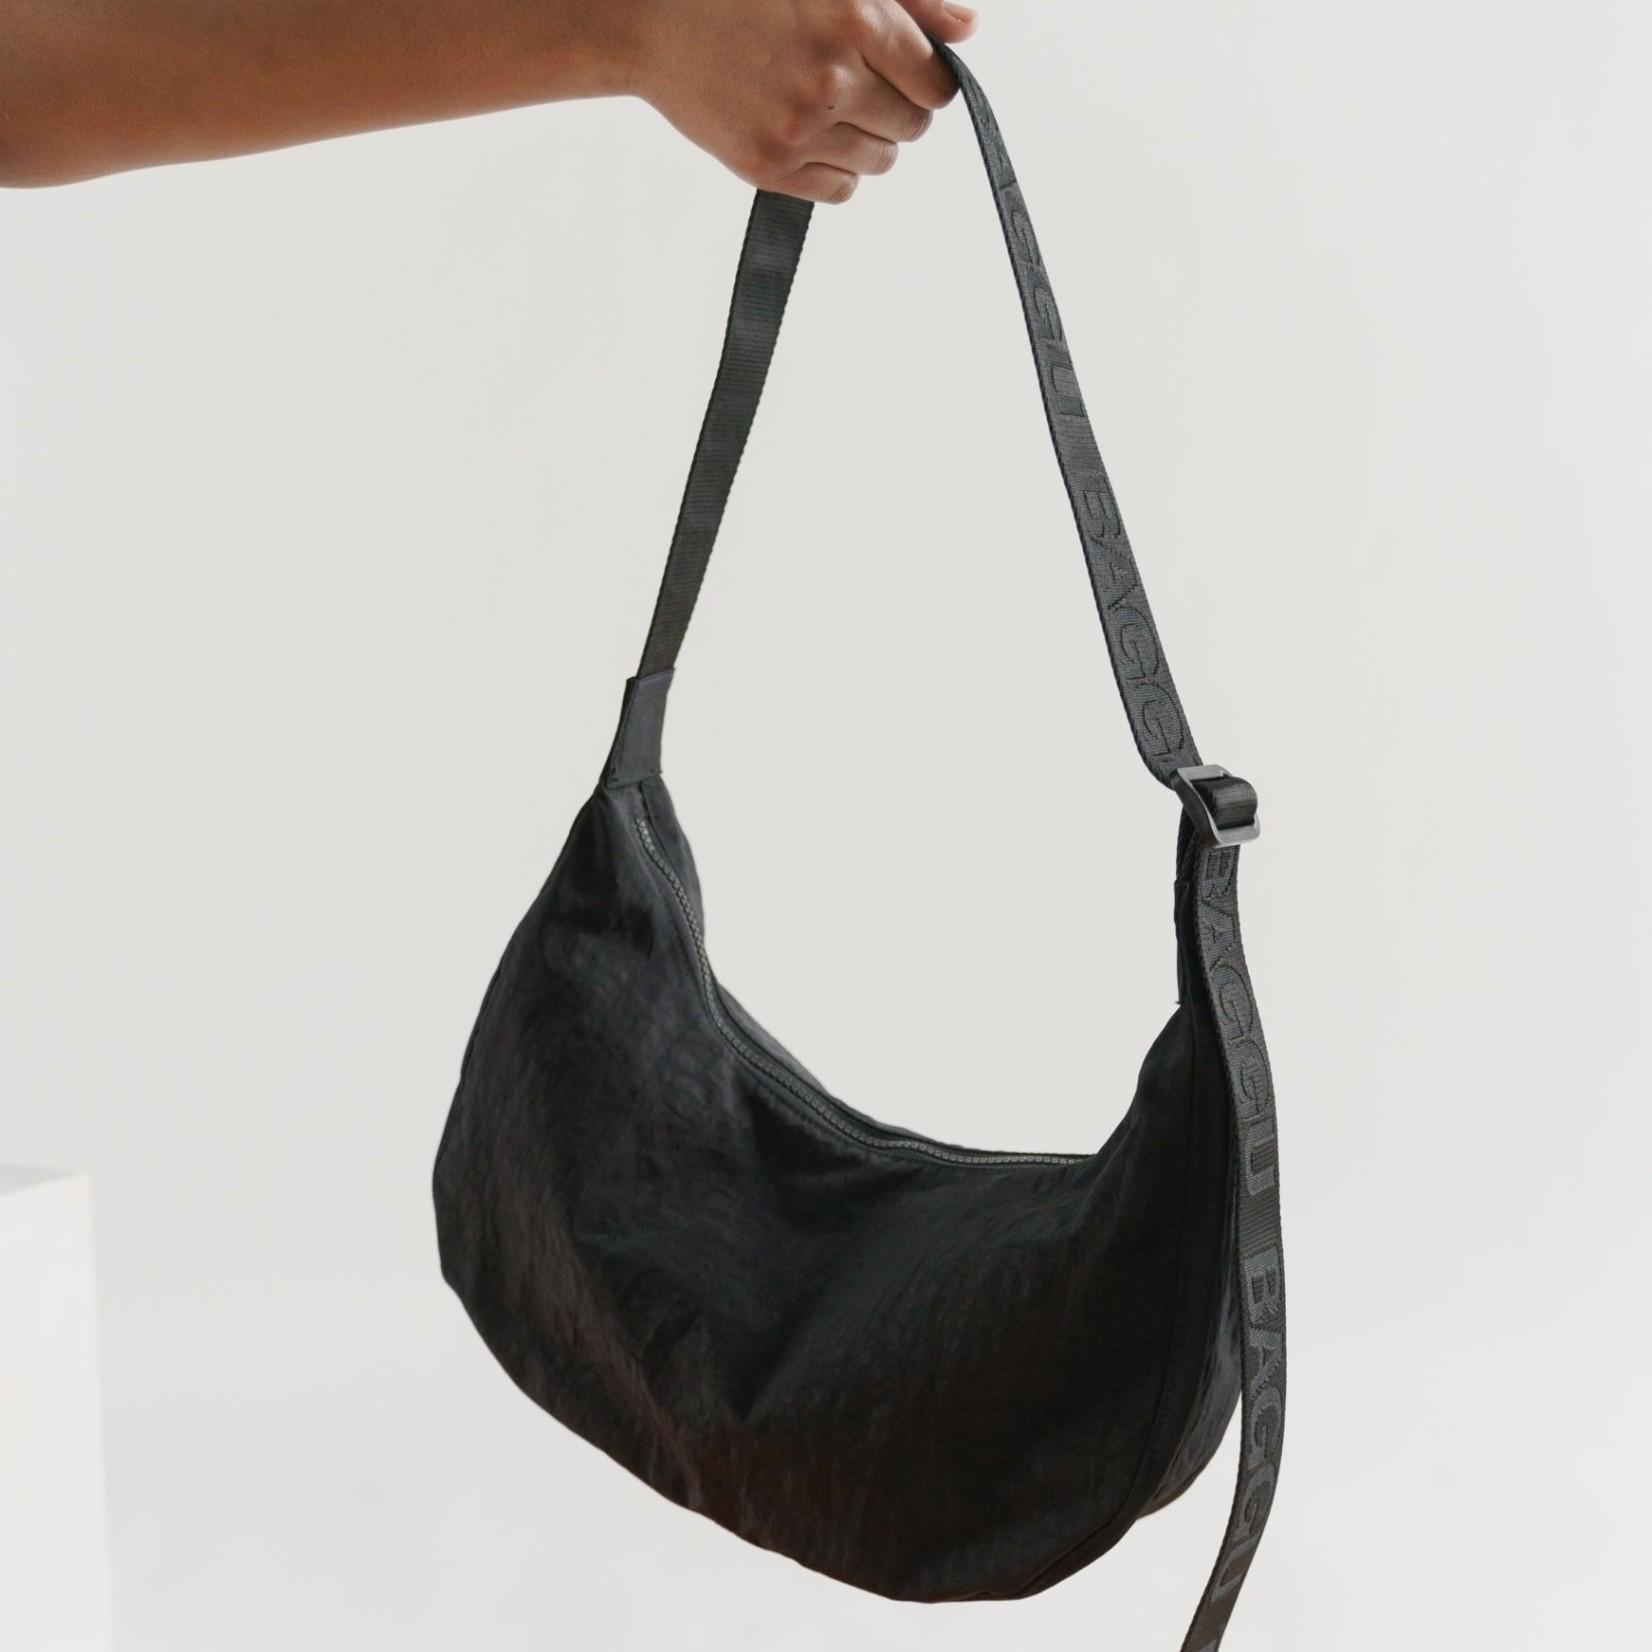 Baggu Baggu Medium Nylon Crescent Bag Black